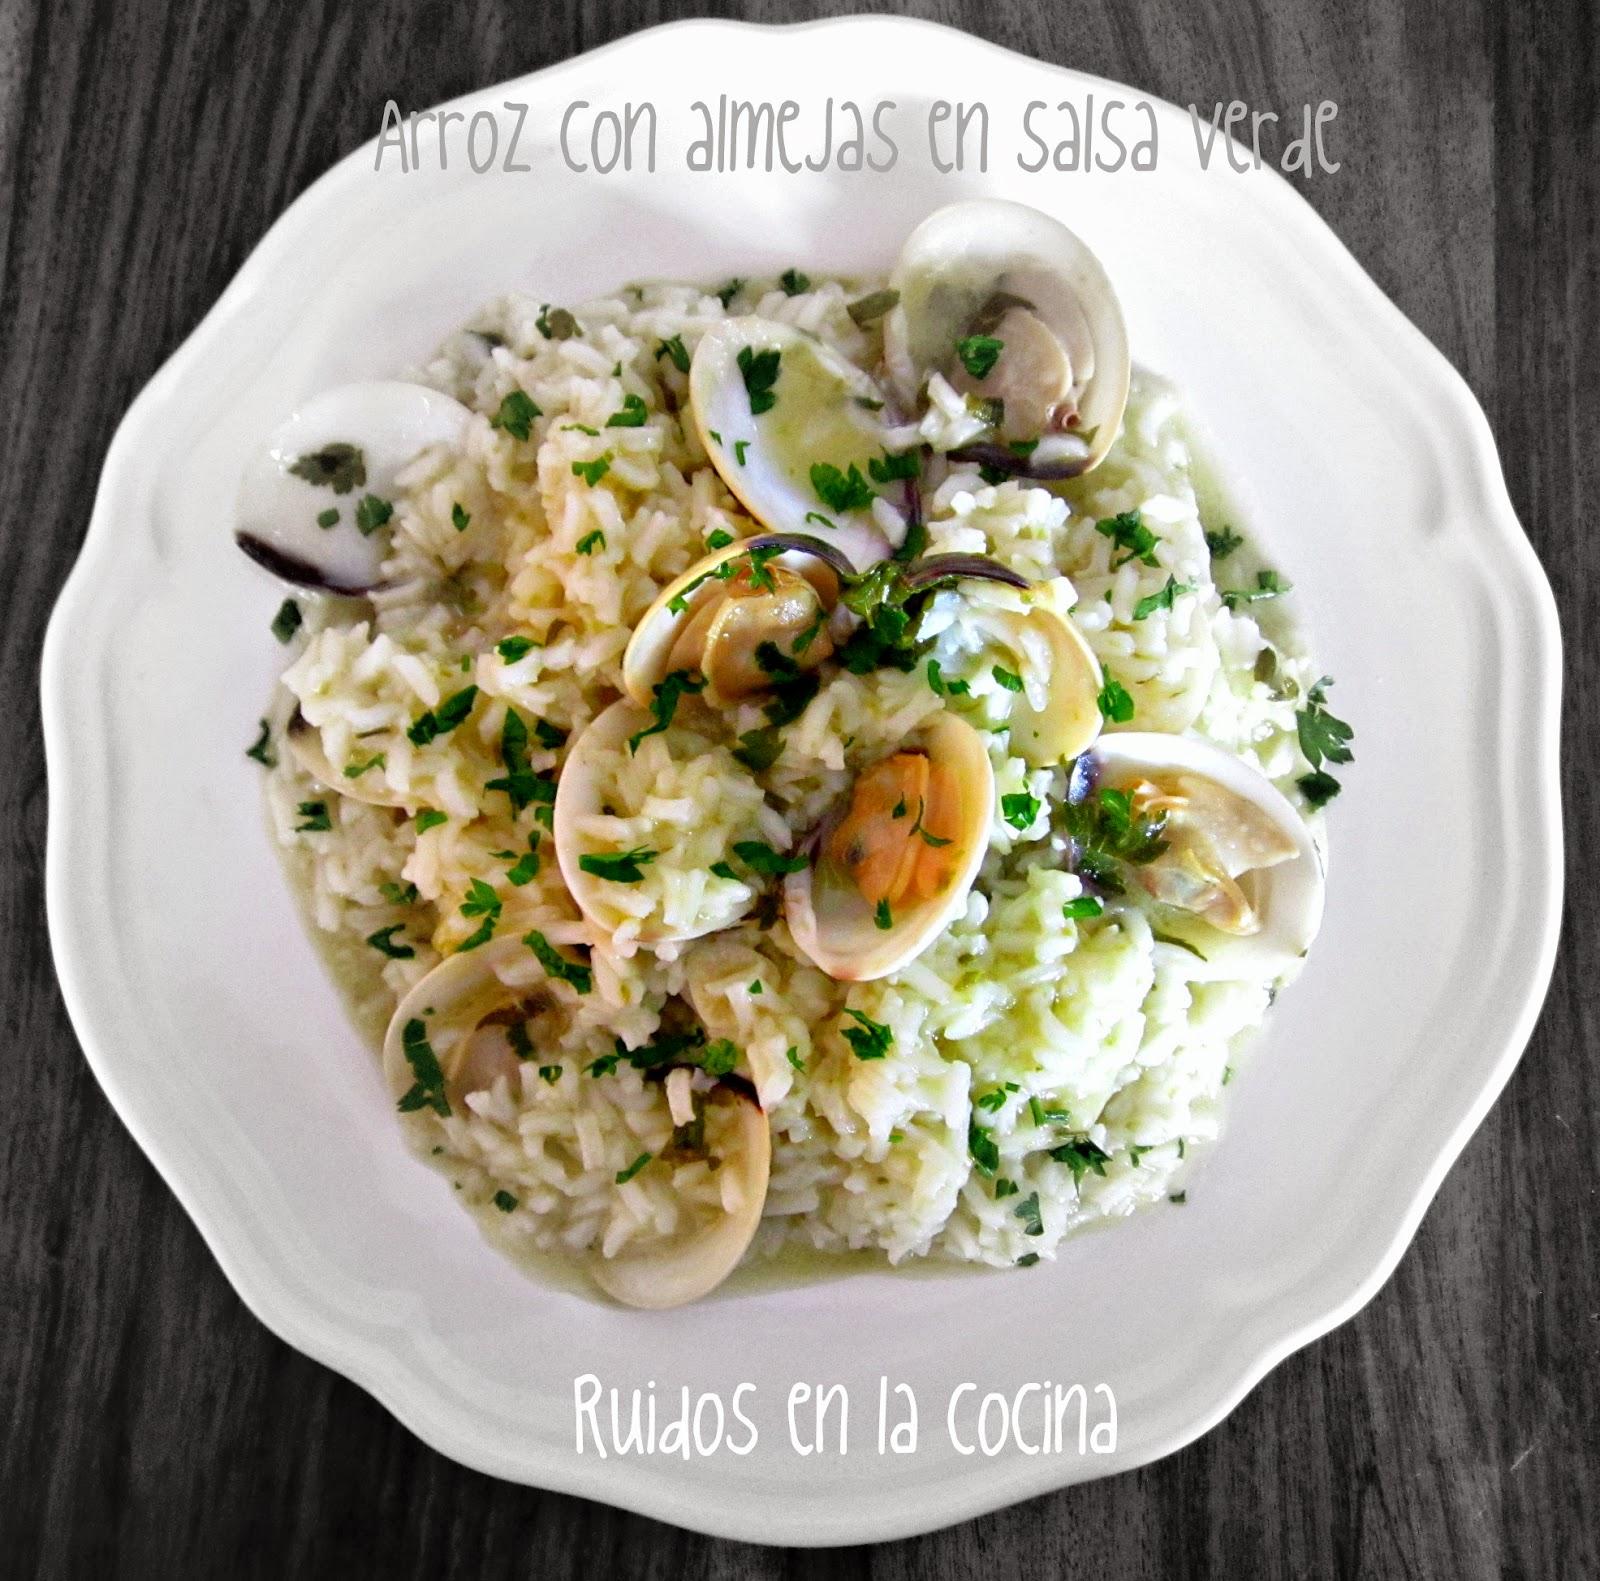 Ruidos en la cocina arroz con almejas en salsa verde - Almejas con salsa verde ...